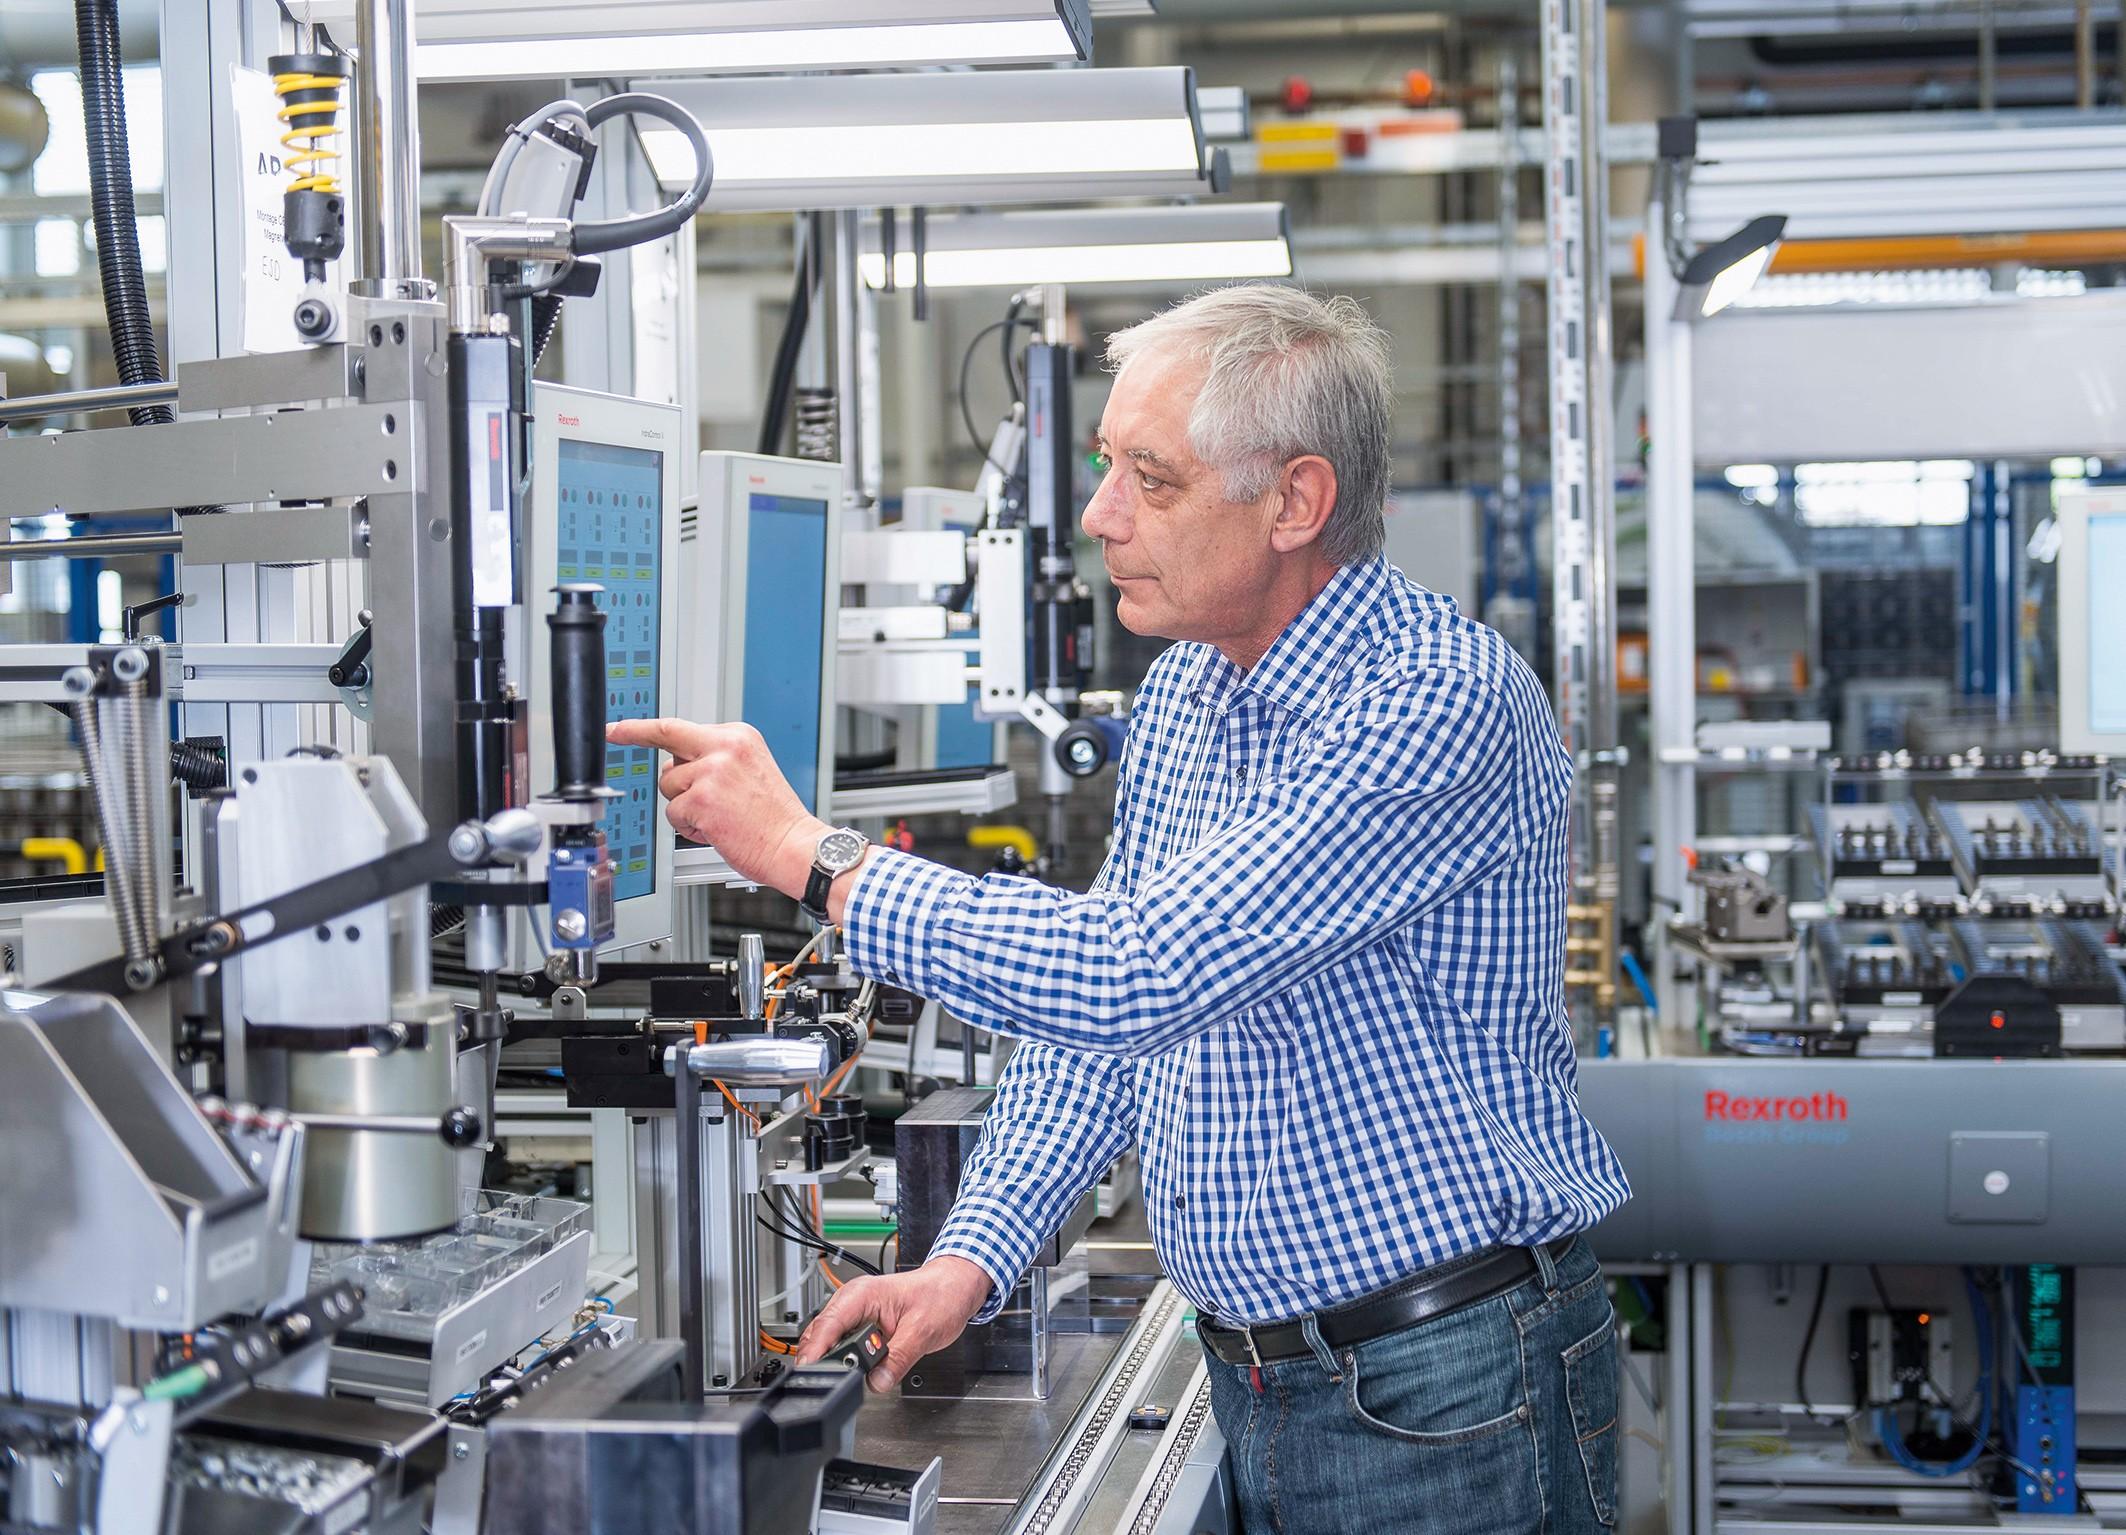 Hannover Messe 2016 Prepojené senzory, stroje a softvér: Bosch ponúka Priemysel 4.0 z jediného zdroja Analýza dát pre väčšiu efektívnosť a transparentnosť